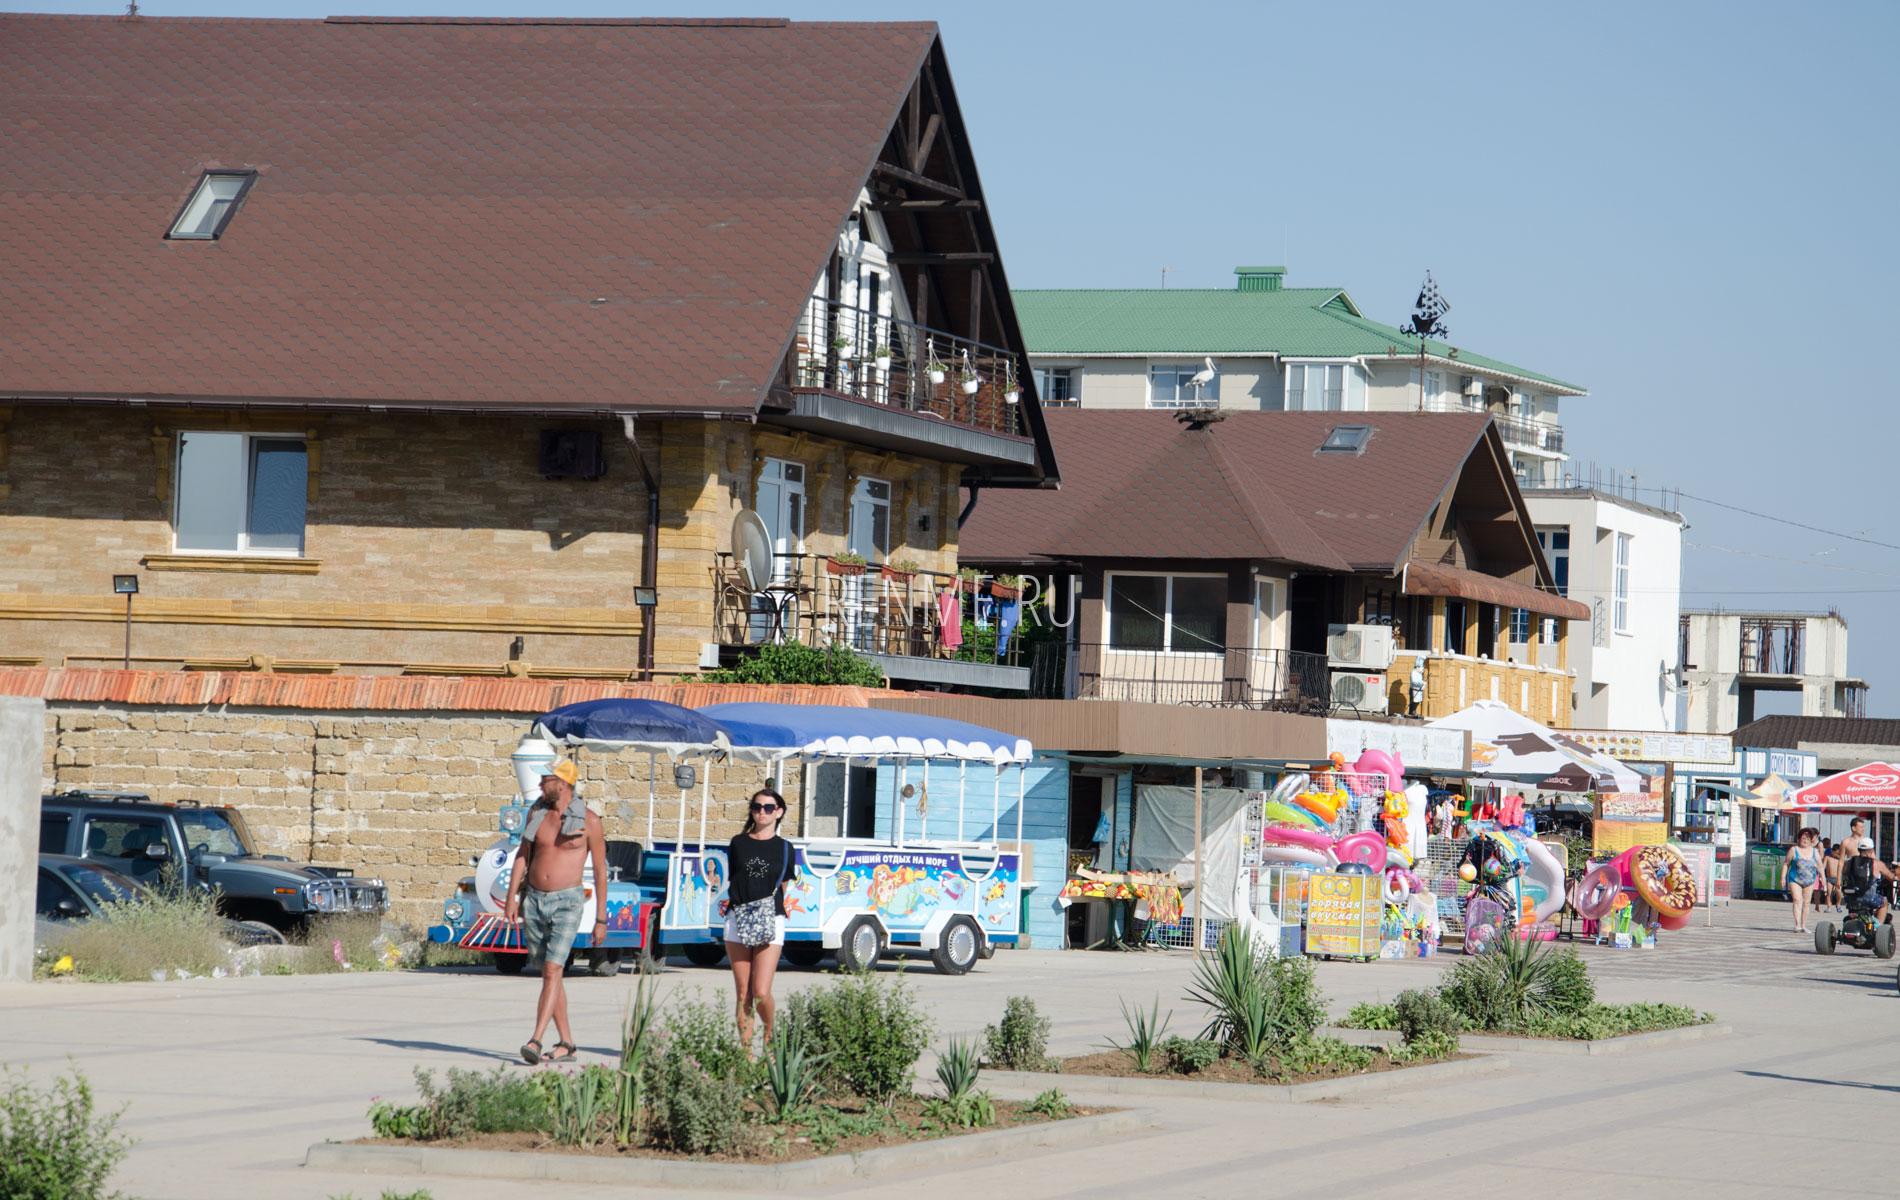 Отели на набережной Прибрежного. Фото Прибрежного